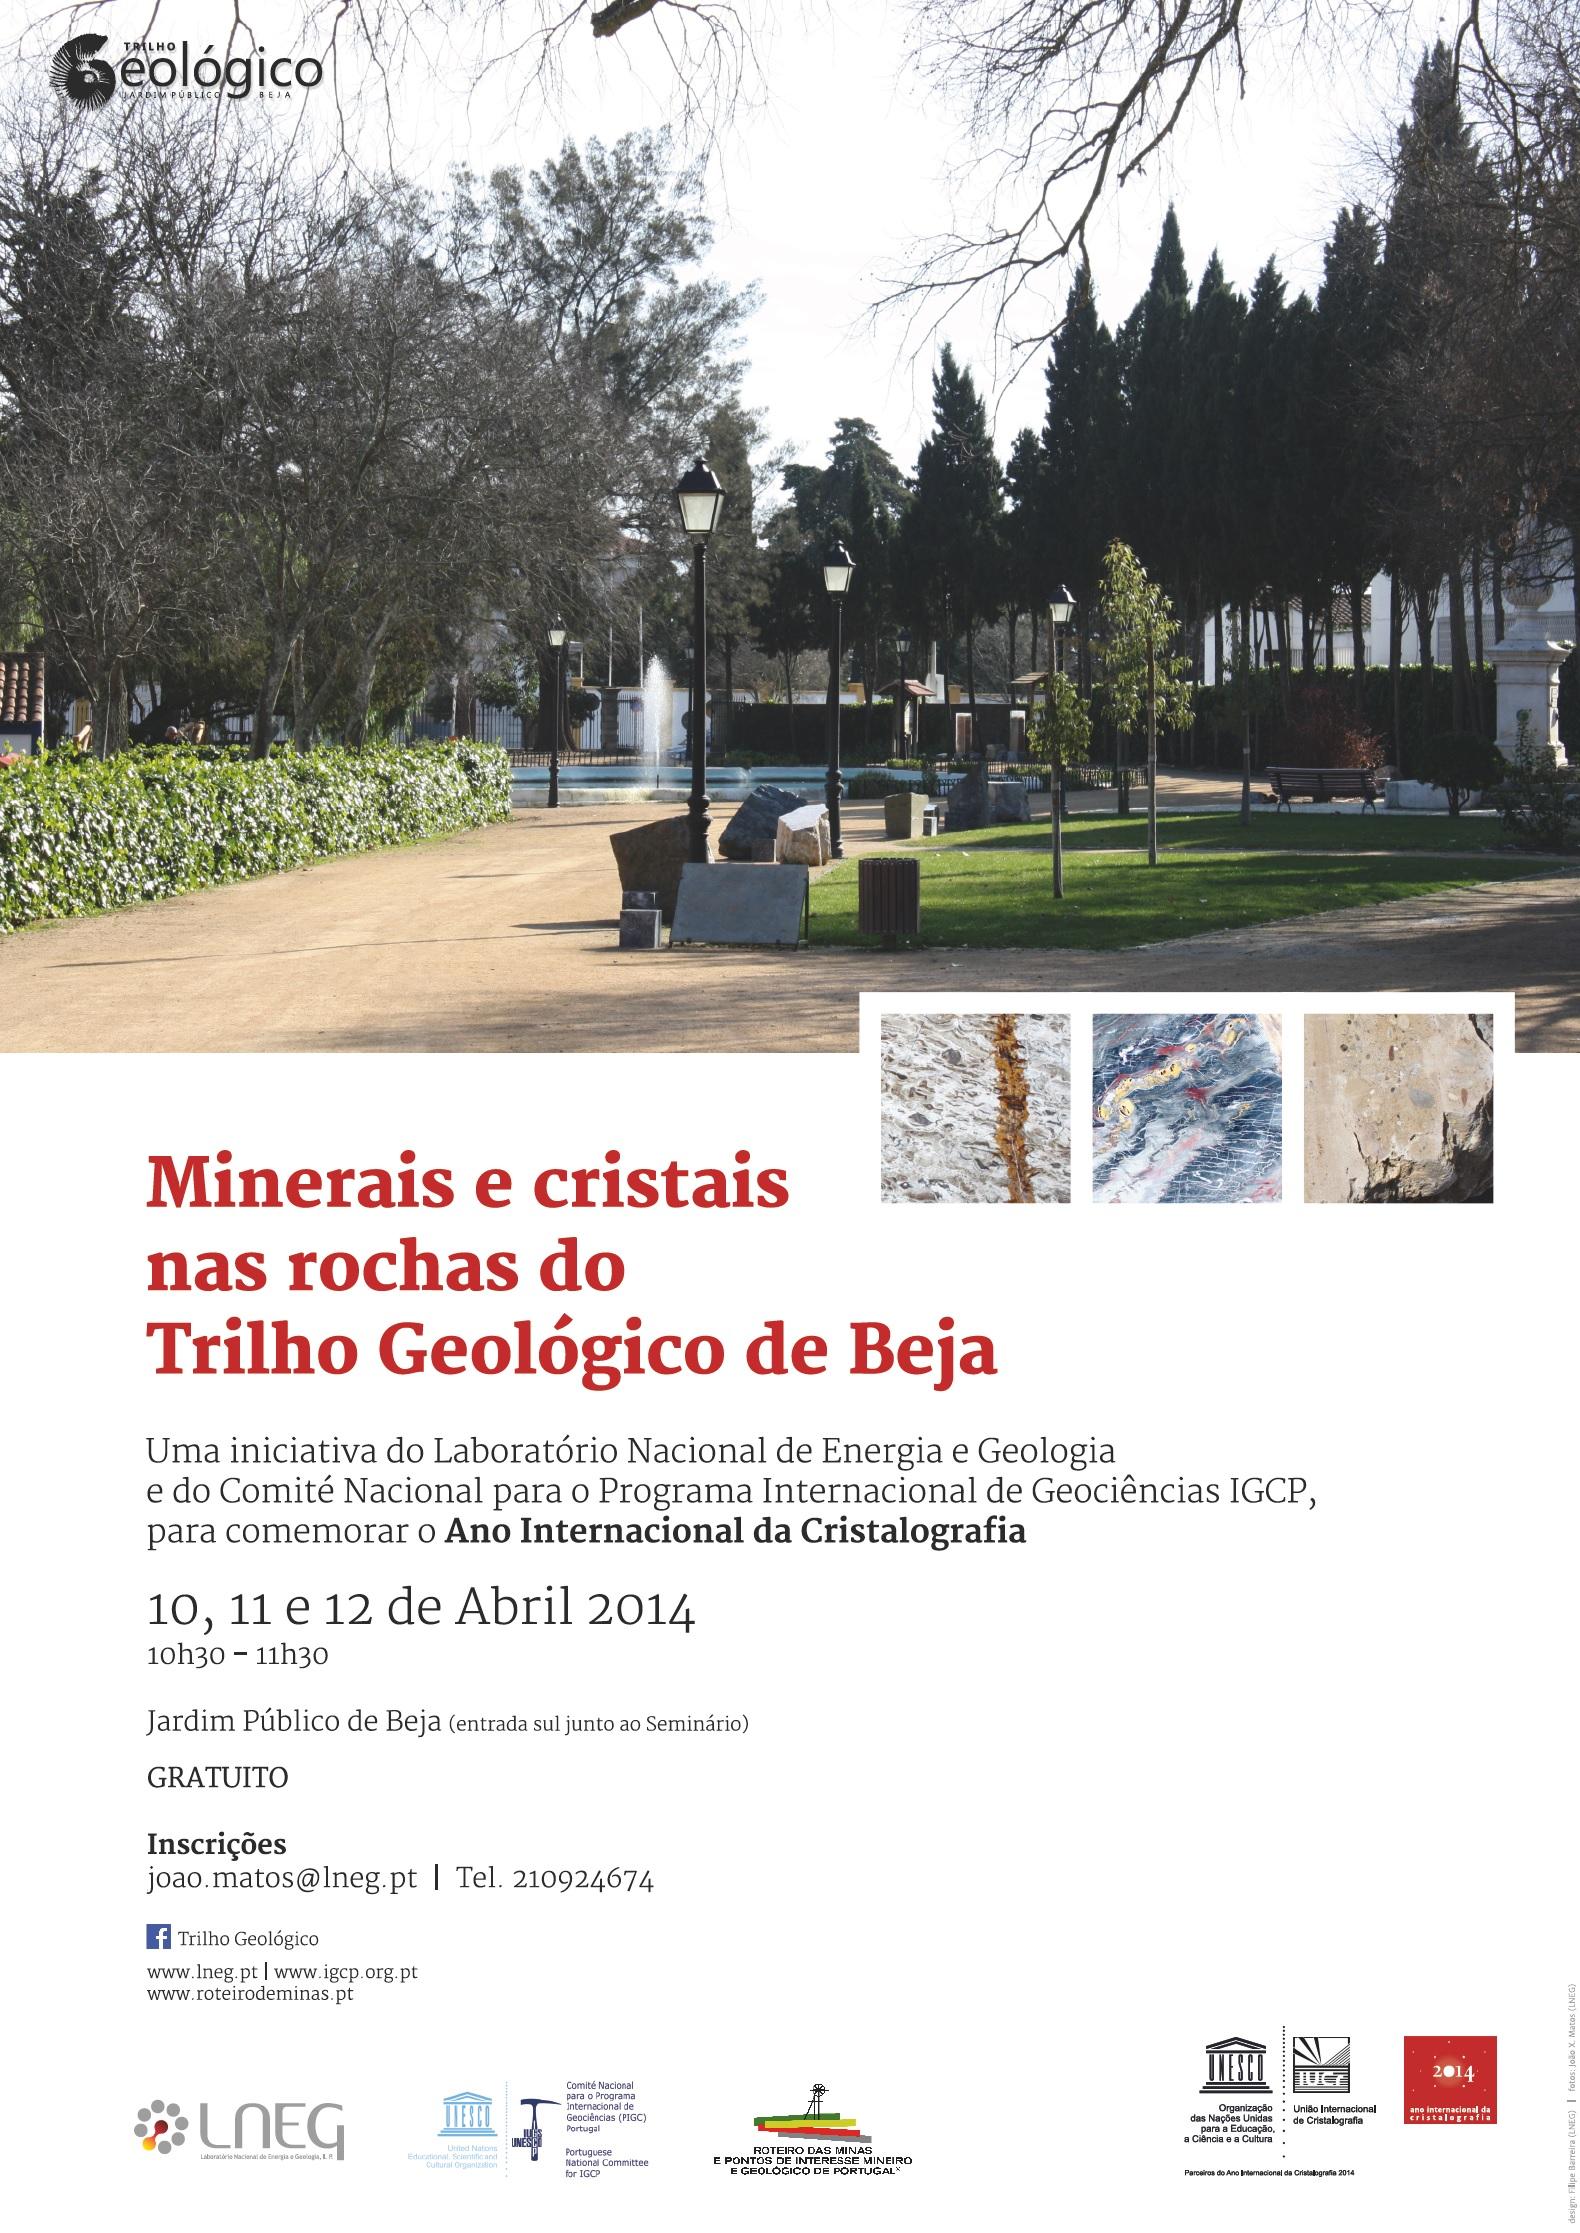 AIC-Trilho-Geologico-FB